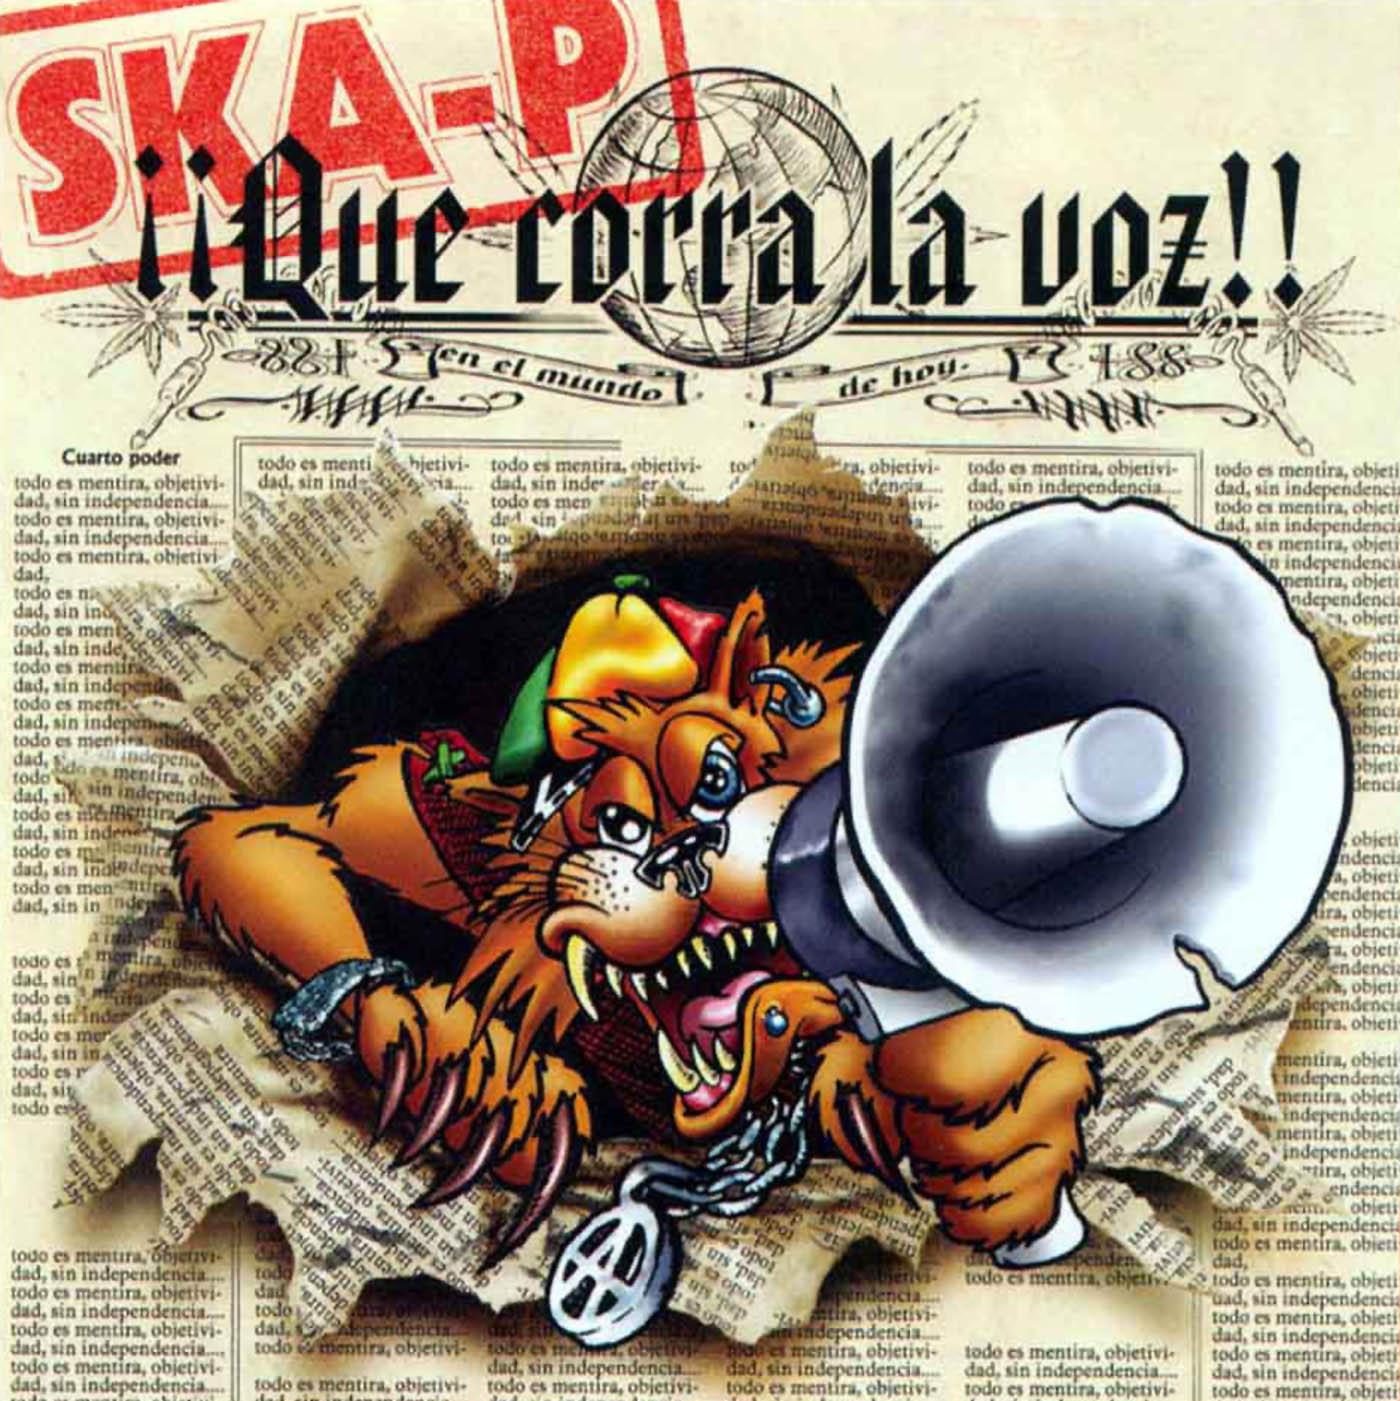 Ska-P – Que corra la voz (2002)